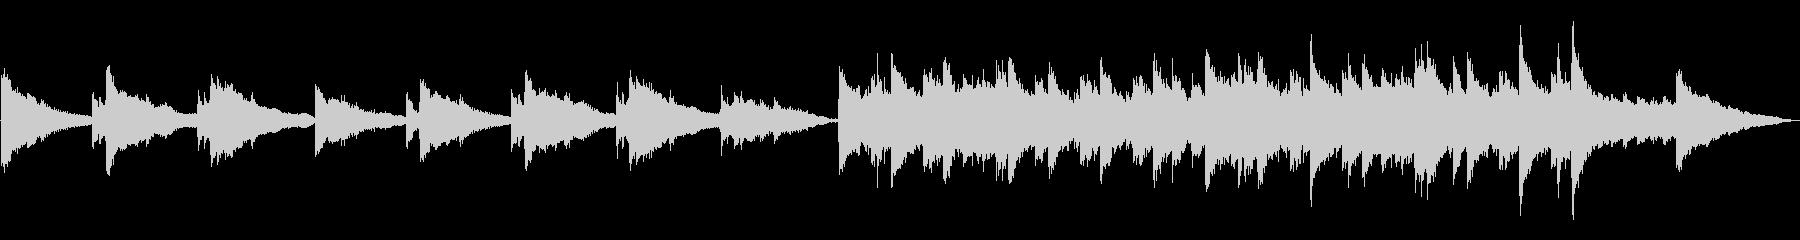 とてもゆっくりのソロ・ピアノ曲の未再生の波形